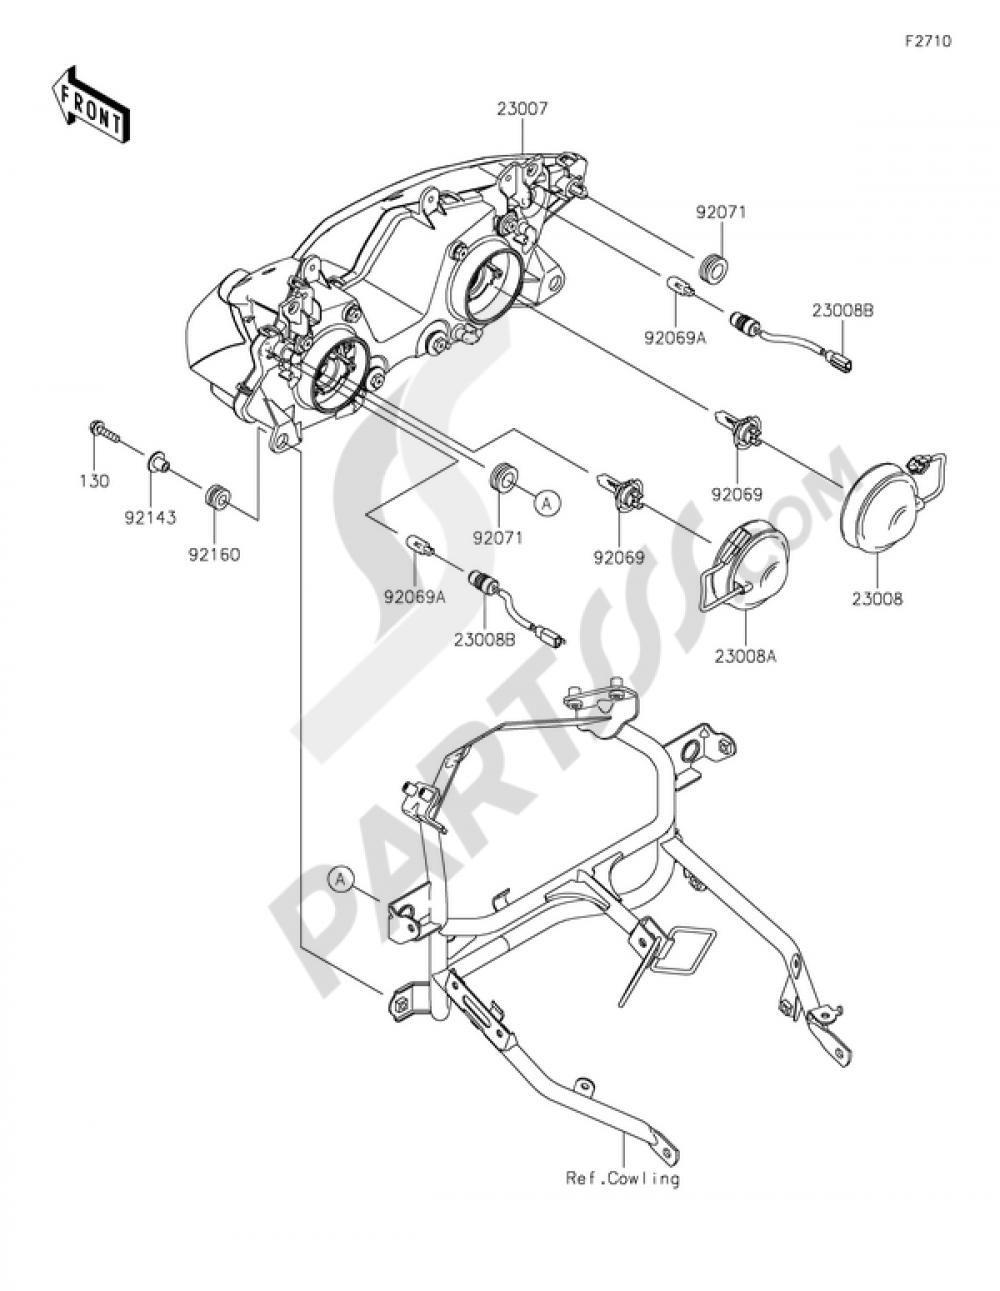 Headlights Kawasaki Ninja 300 Abs 2014 Engine Diagram